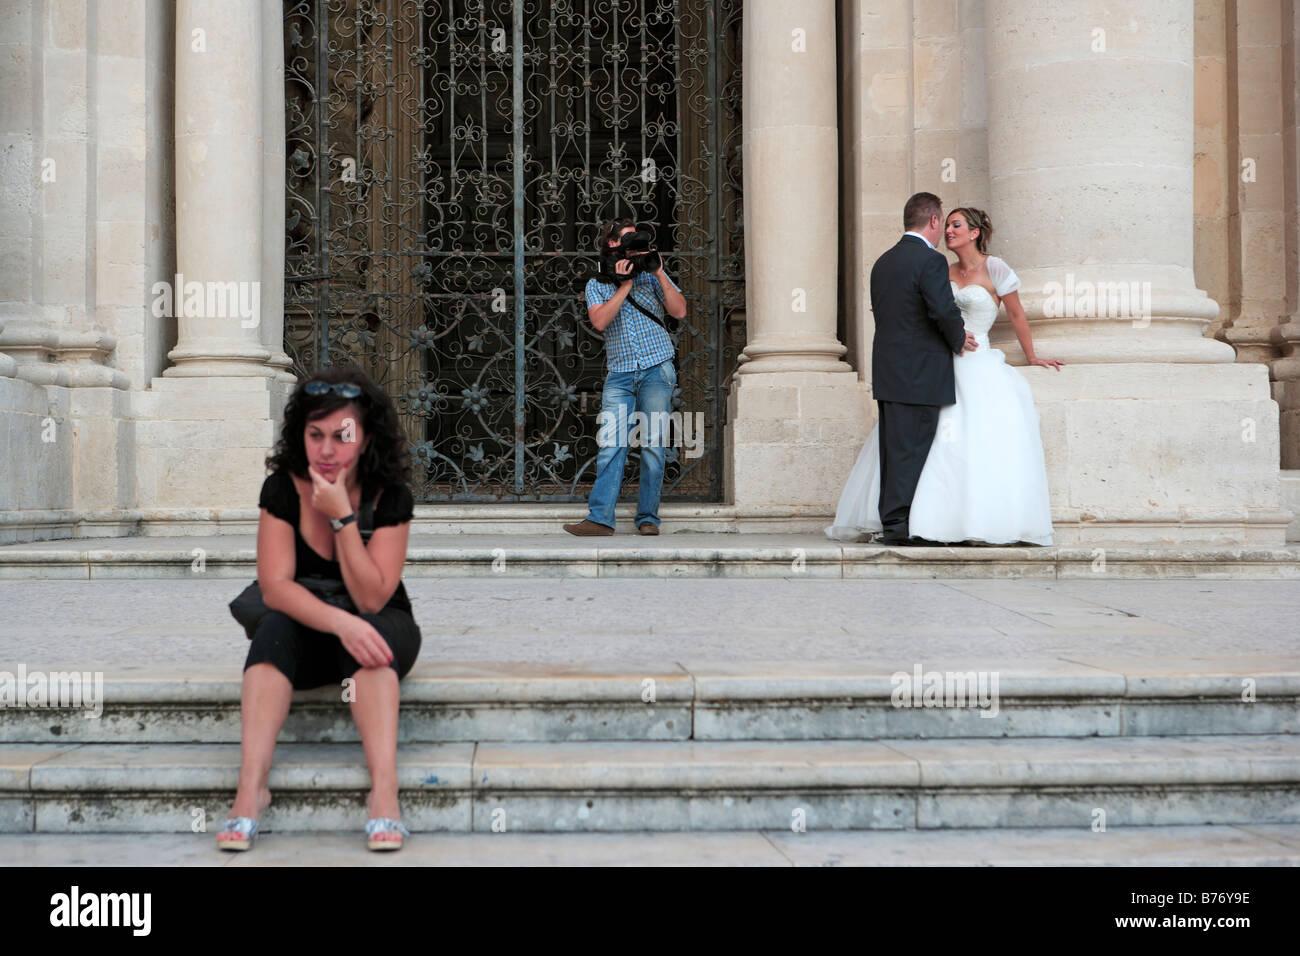 Sicilian Bride and Bridegroom, Syracuse Cathedral, Ortygia, Sicily - Stock Image